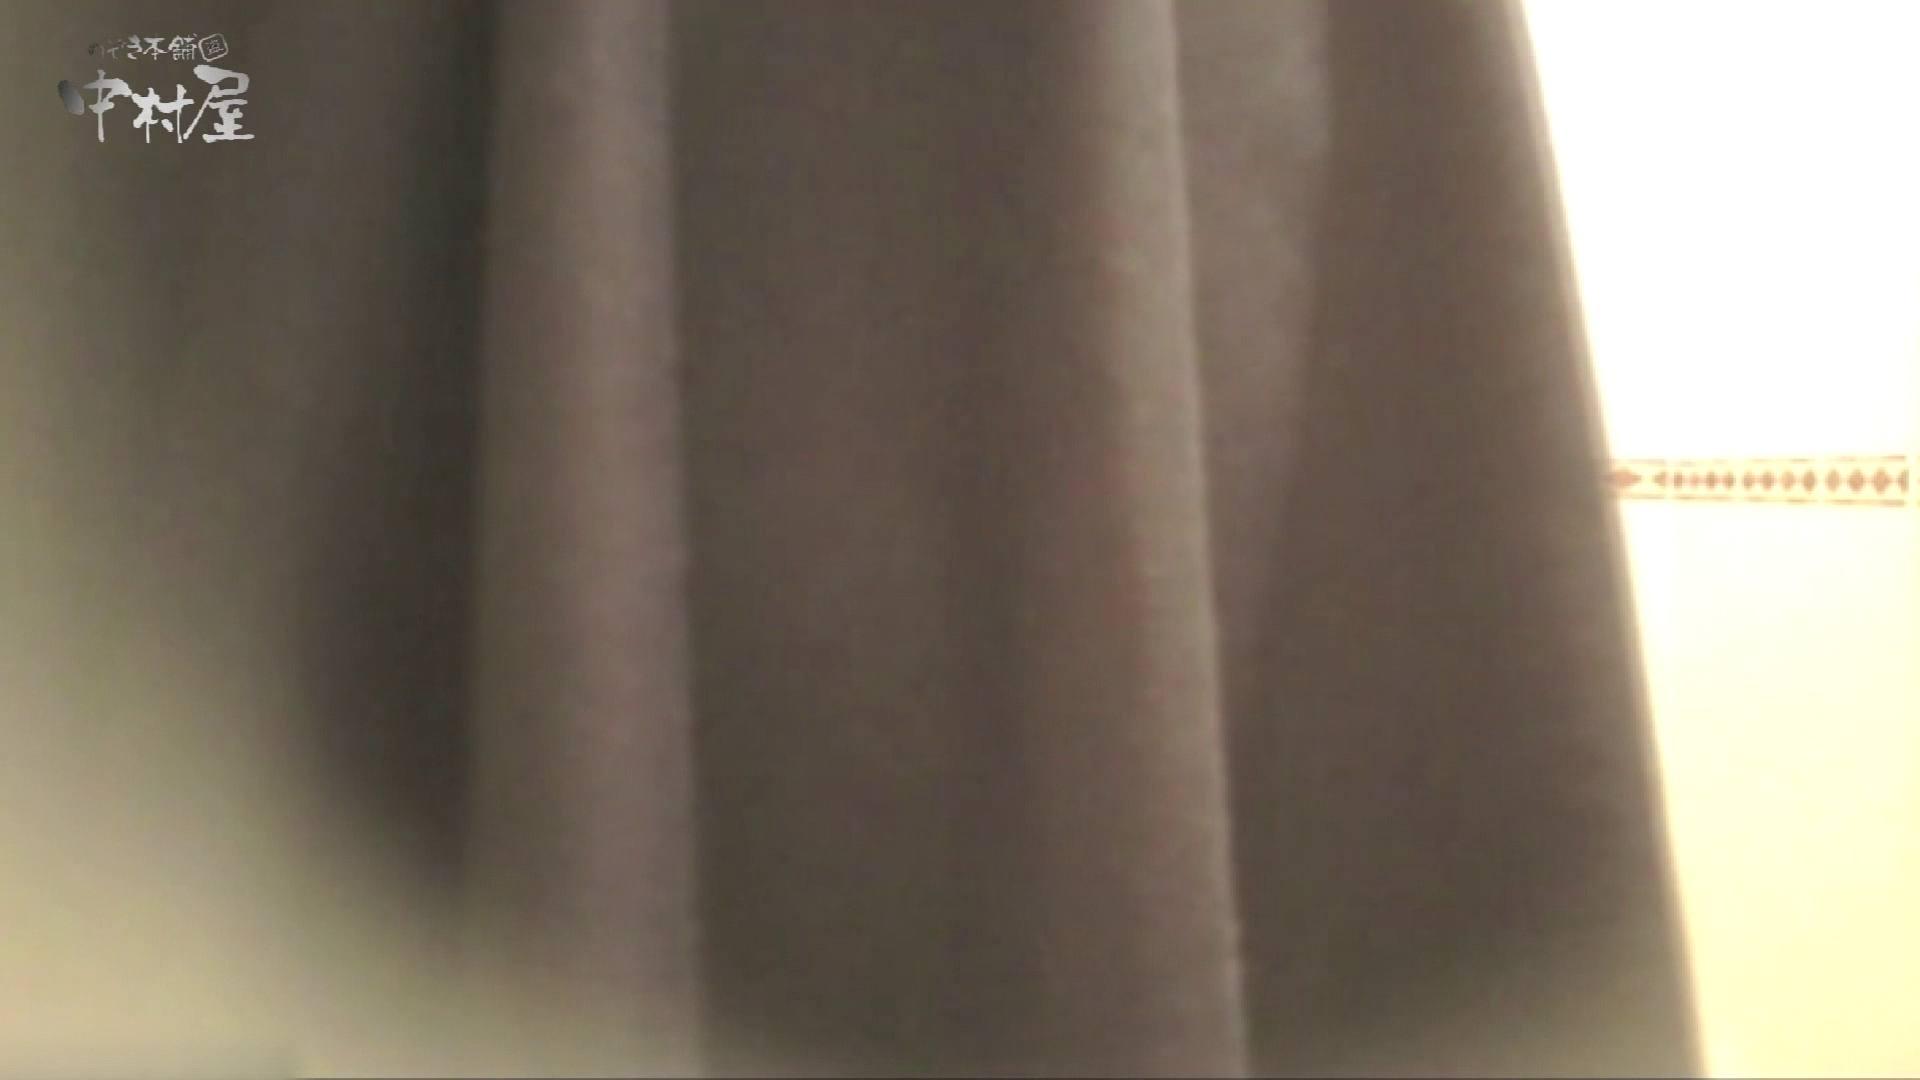 ティーンガールのトイレ覗き‼vol.16 Hな女子大生 オマンコ動画キャプチャ 99pic 88